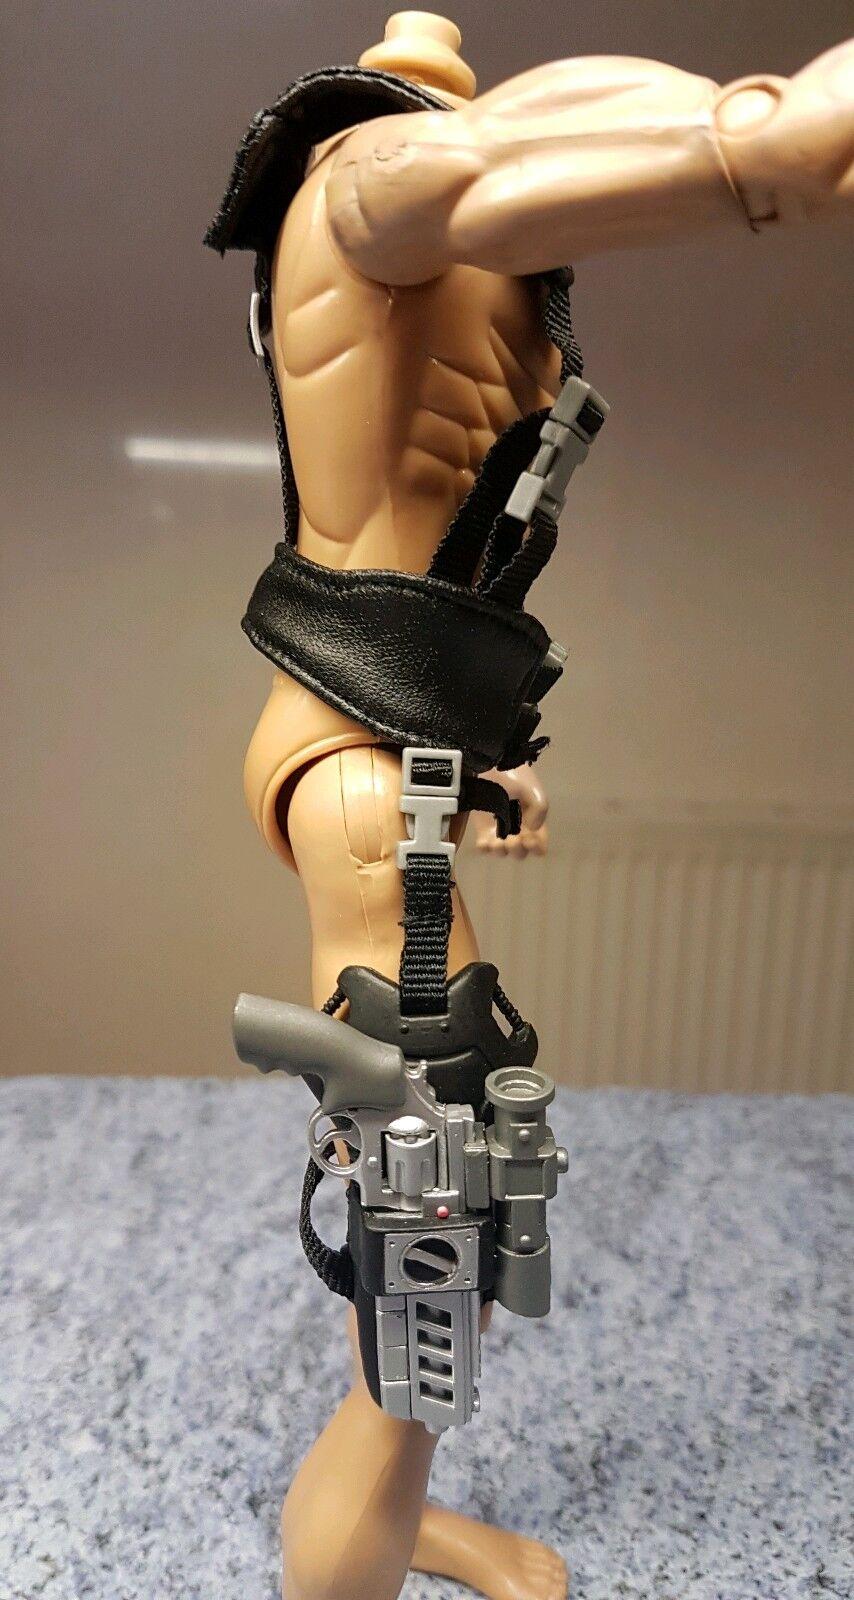 1 6 scale BBI CY COM Colossus 's Magnum Revolver hand gun weaponfor 12  figure